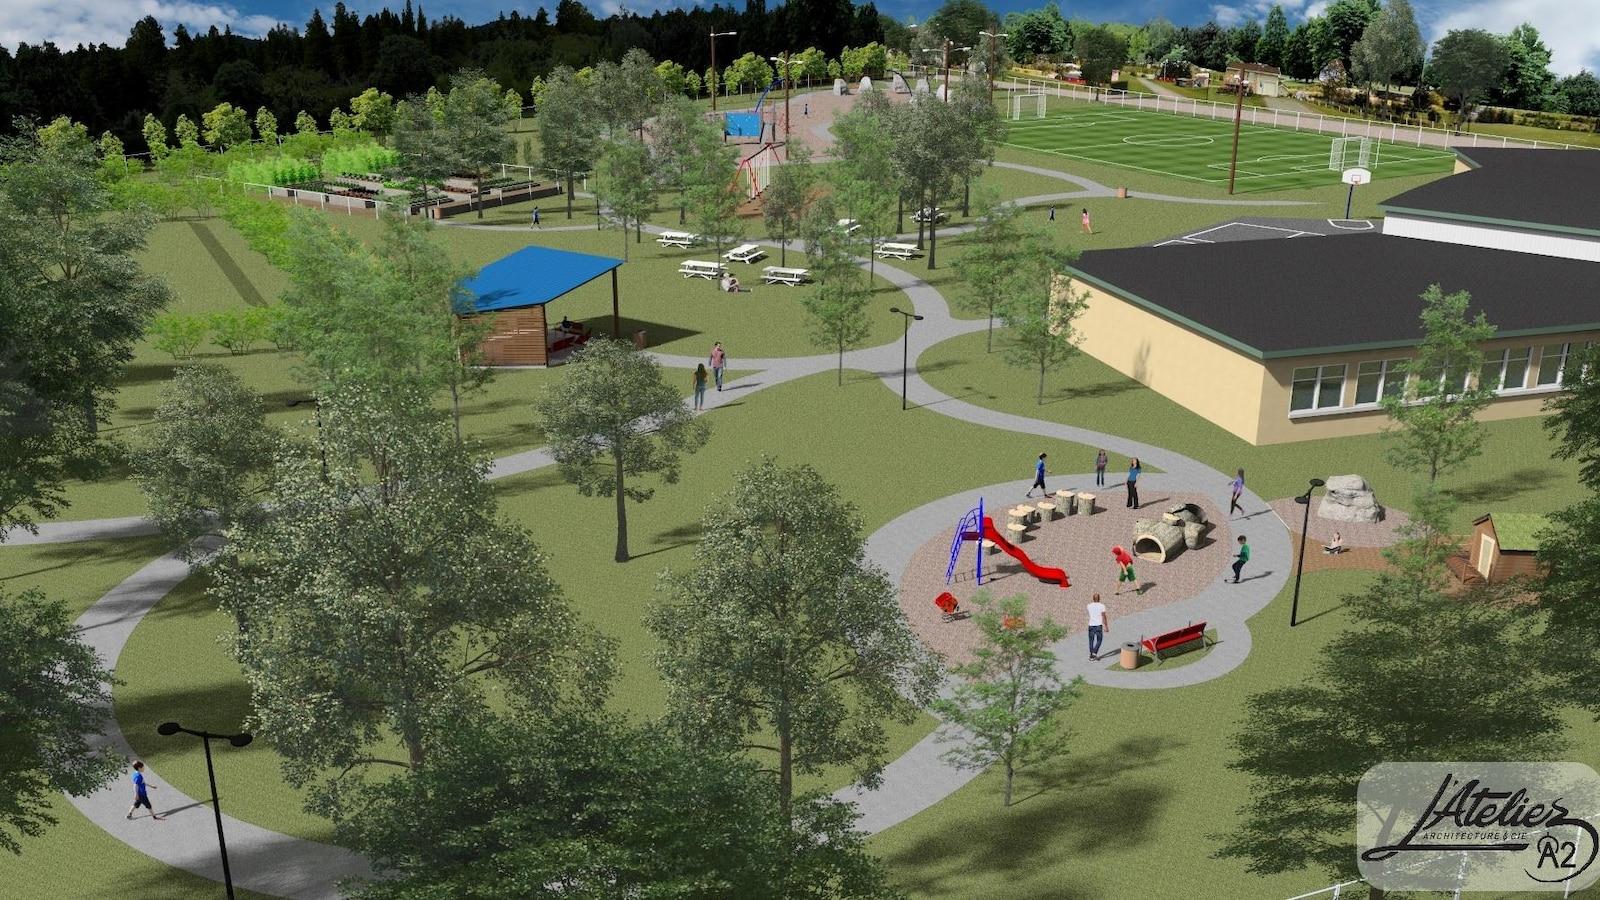 Le projet d'aménagement de la cour extérieure de l'école de Sainte-Lucie-de-Beauregard.